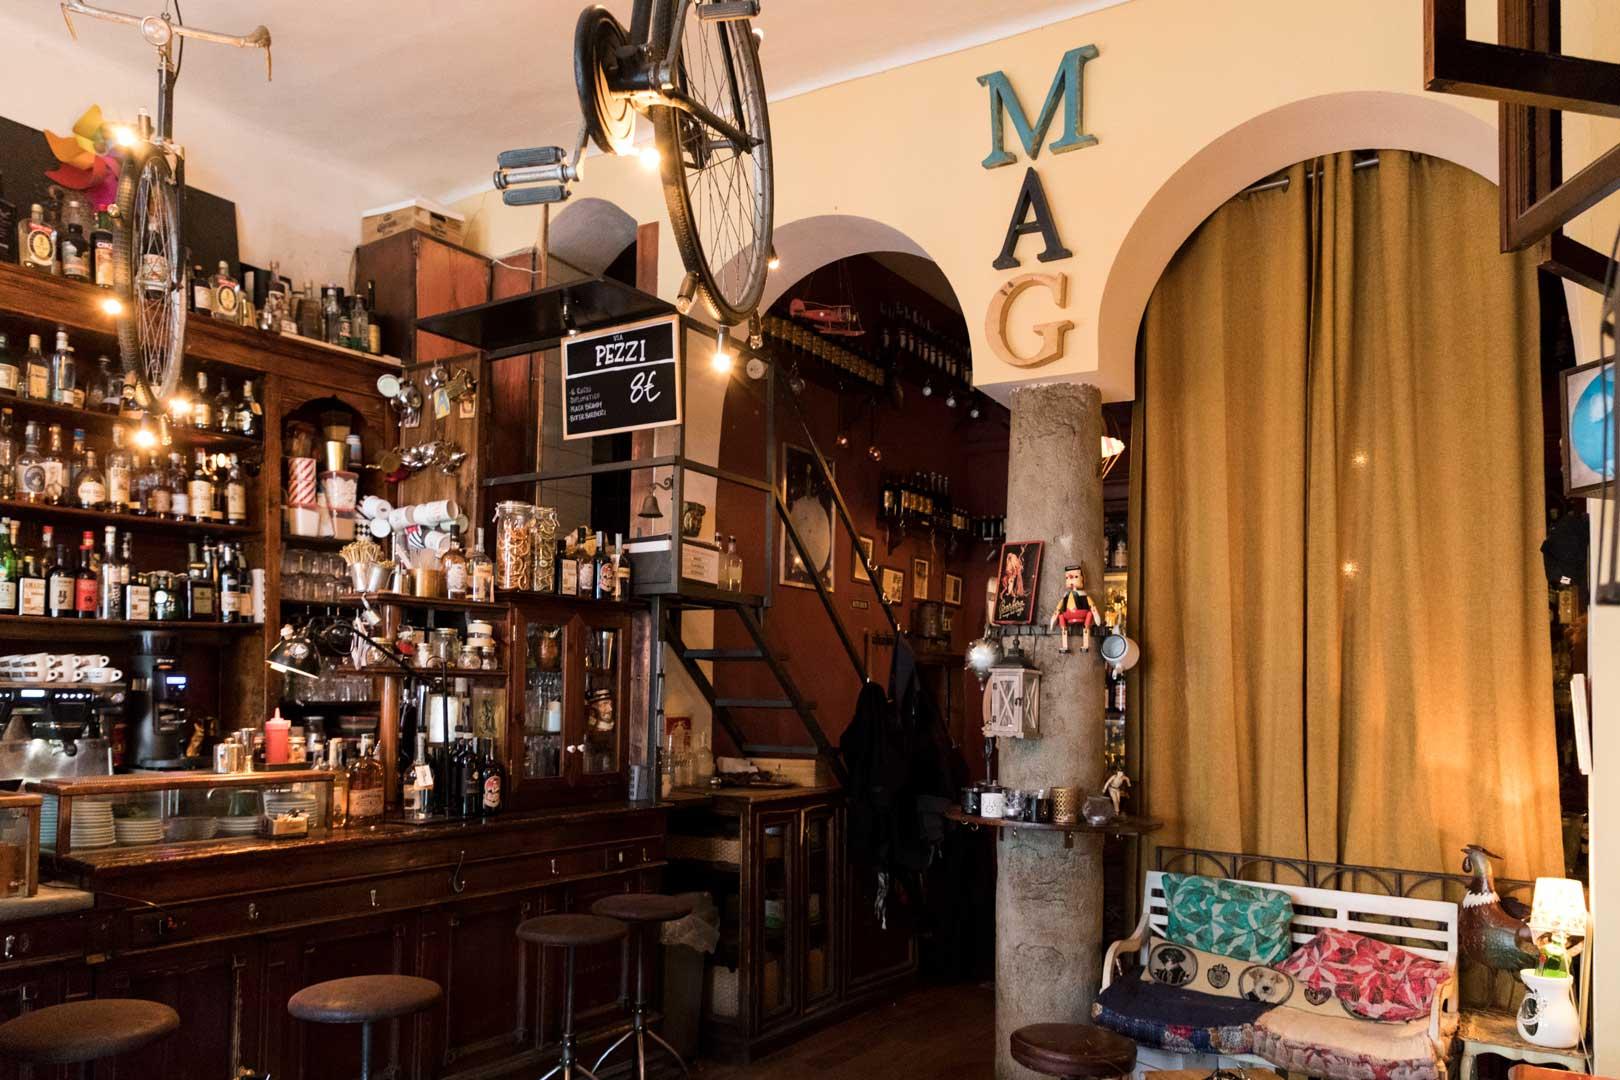 MAG - Milano